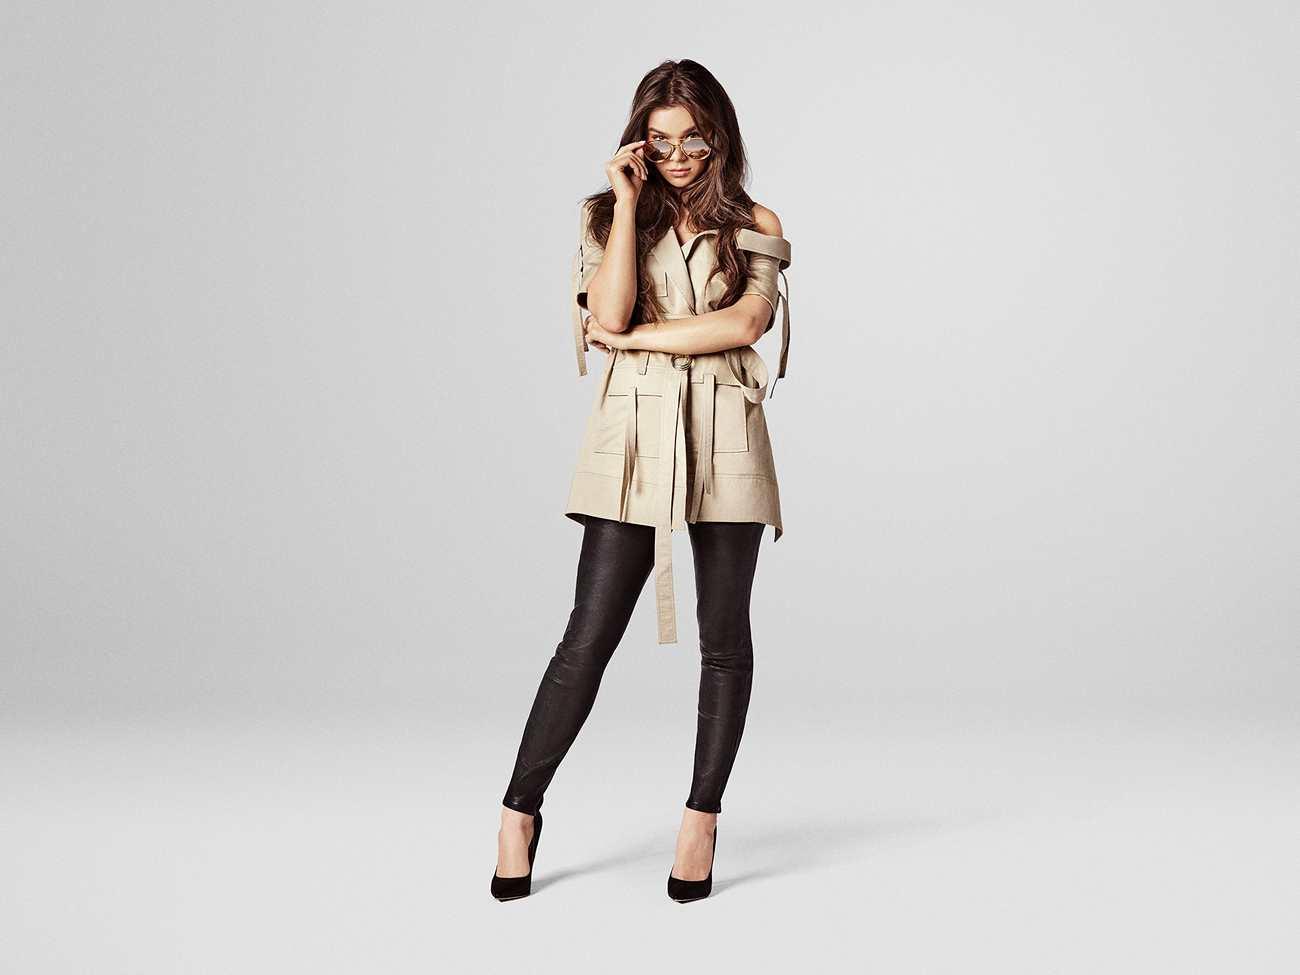 Хейли Стейнфилд в рекламной кампании для Privé Eyewear / 2017